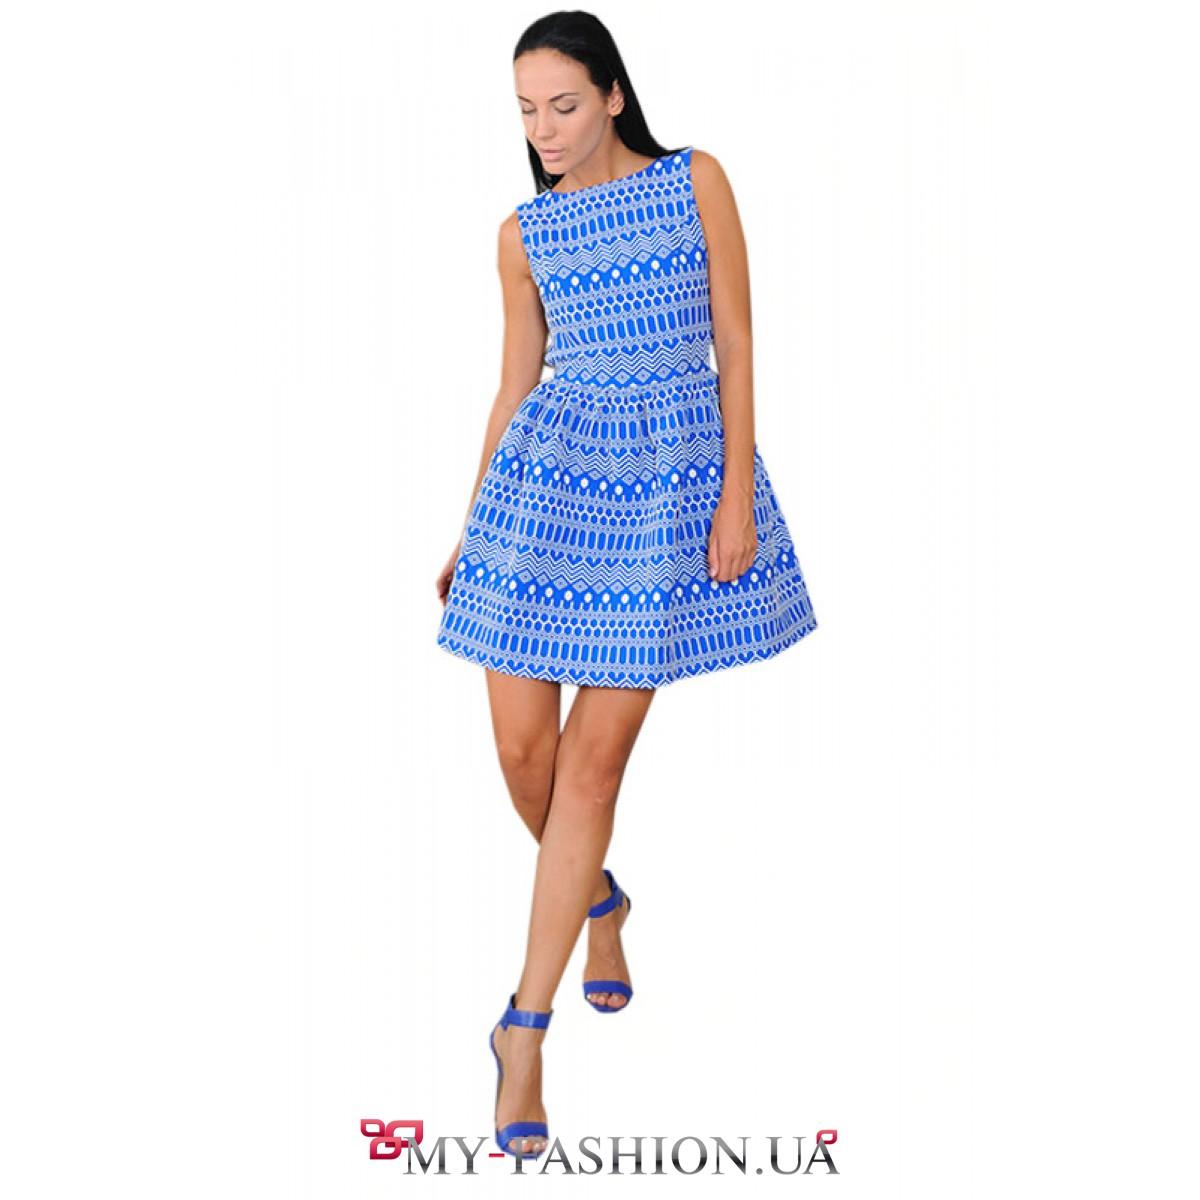 Короткие платья с пышной юбкой доставка